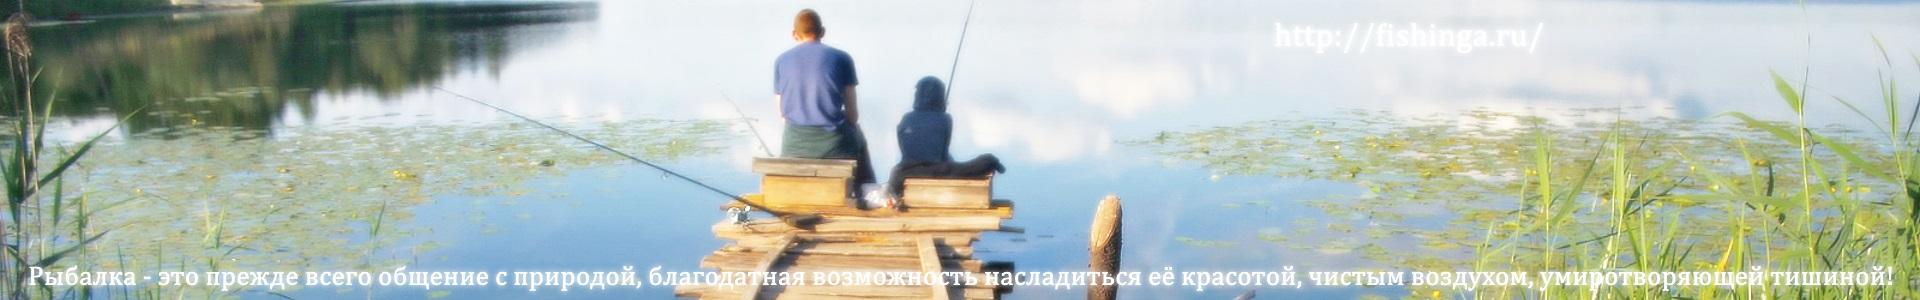 Сайт для охотников и рыбаков